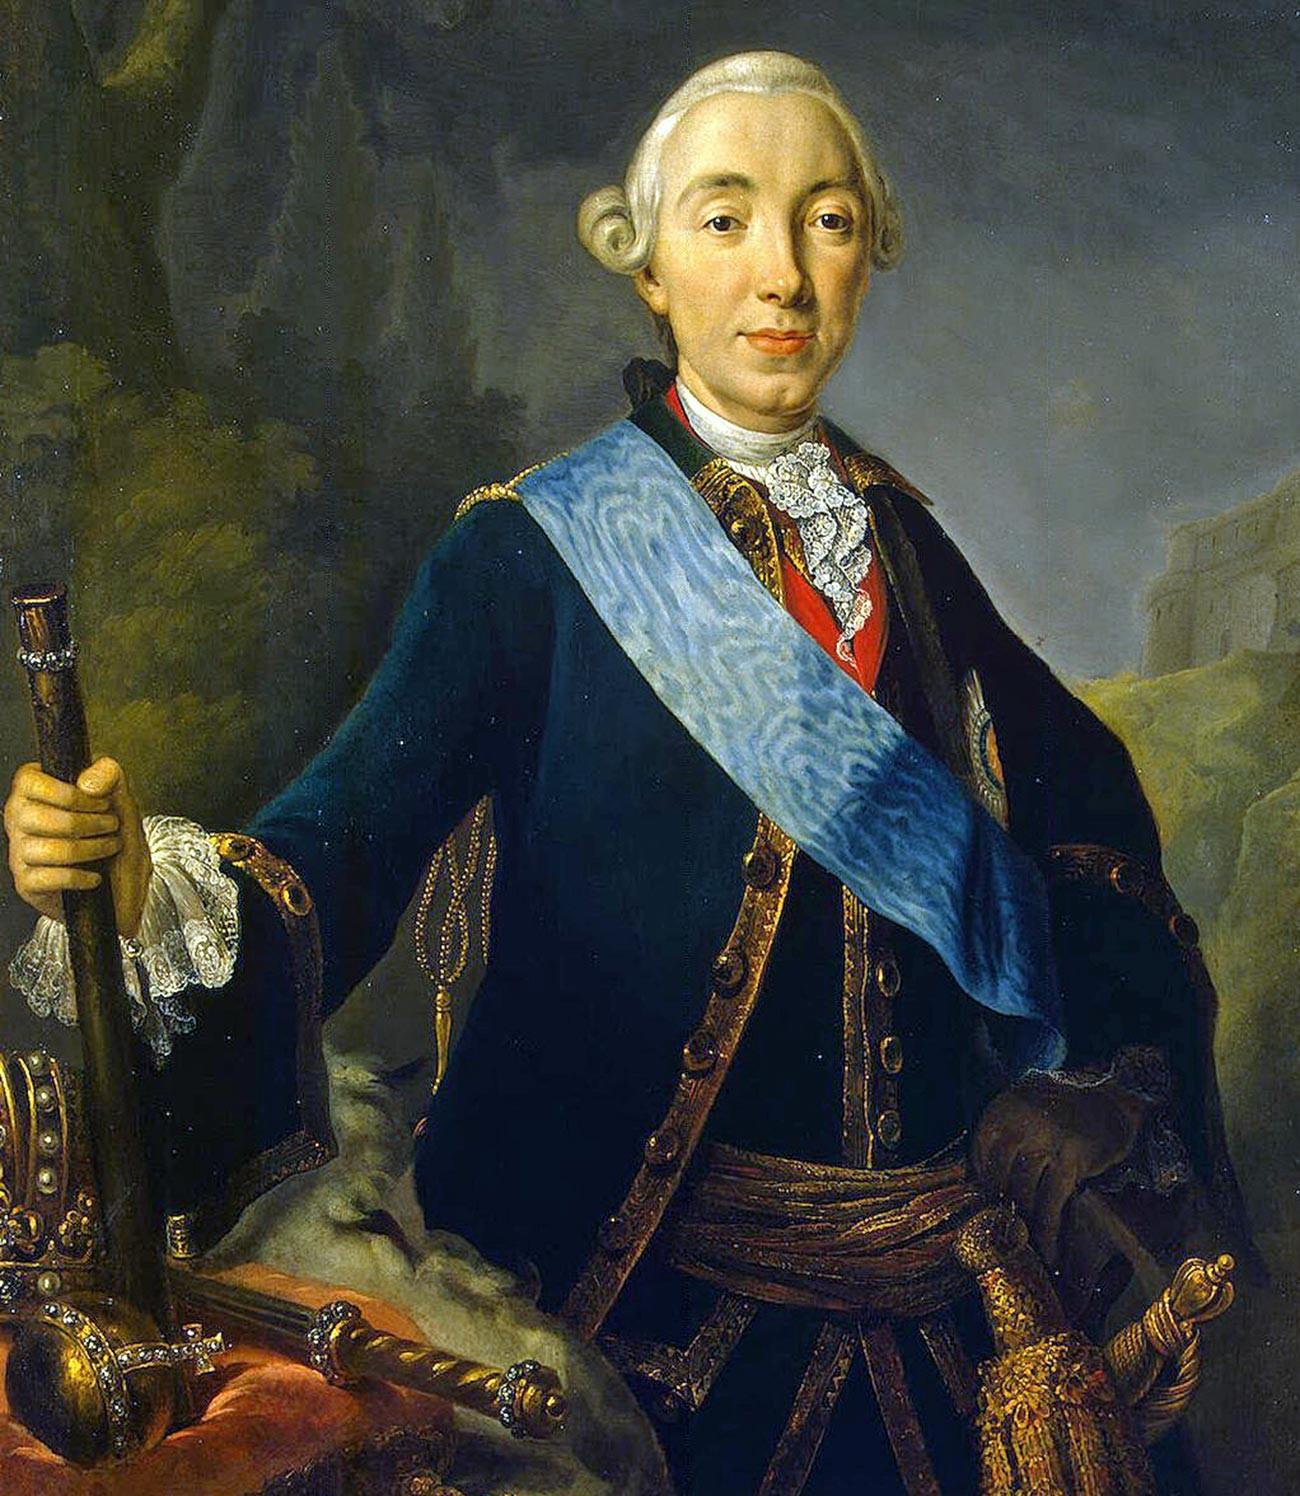 Retrato de la coronación del emperador Pedro III.